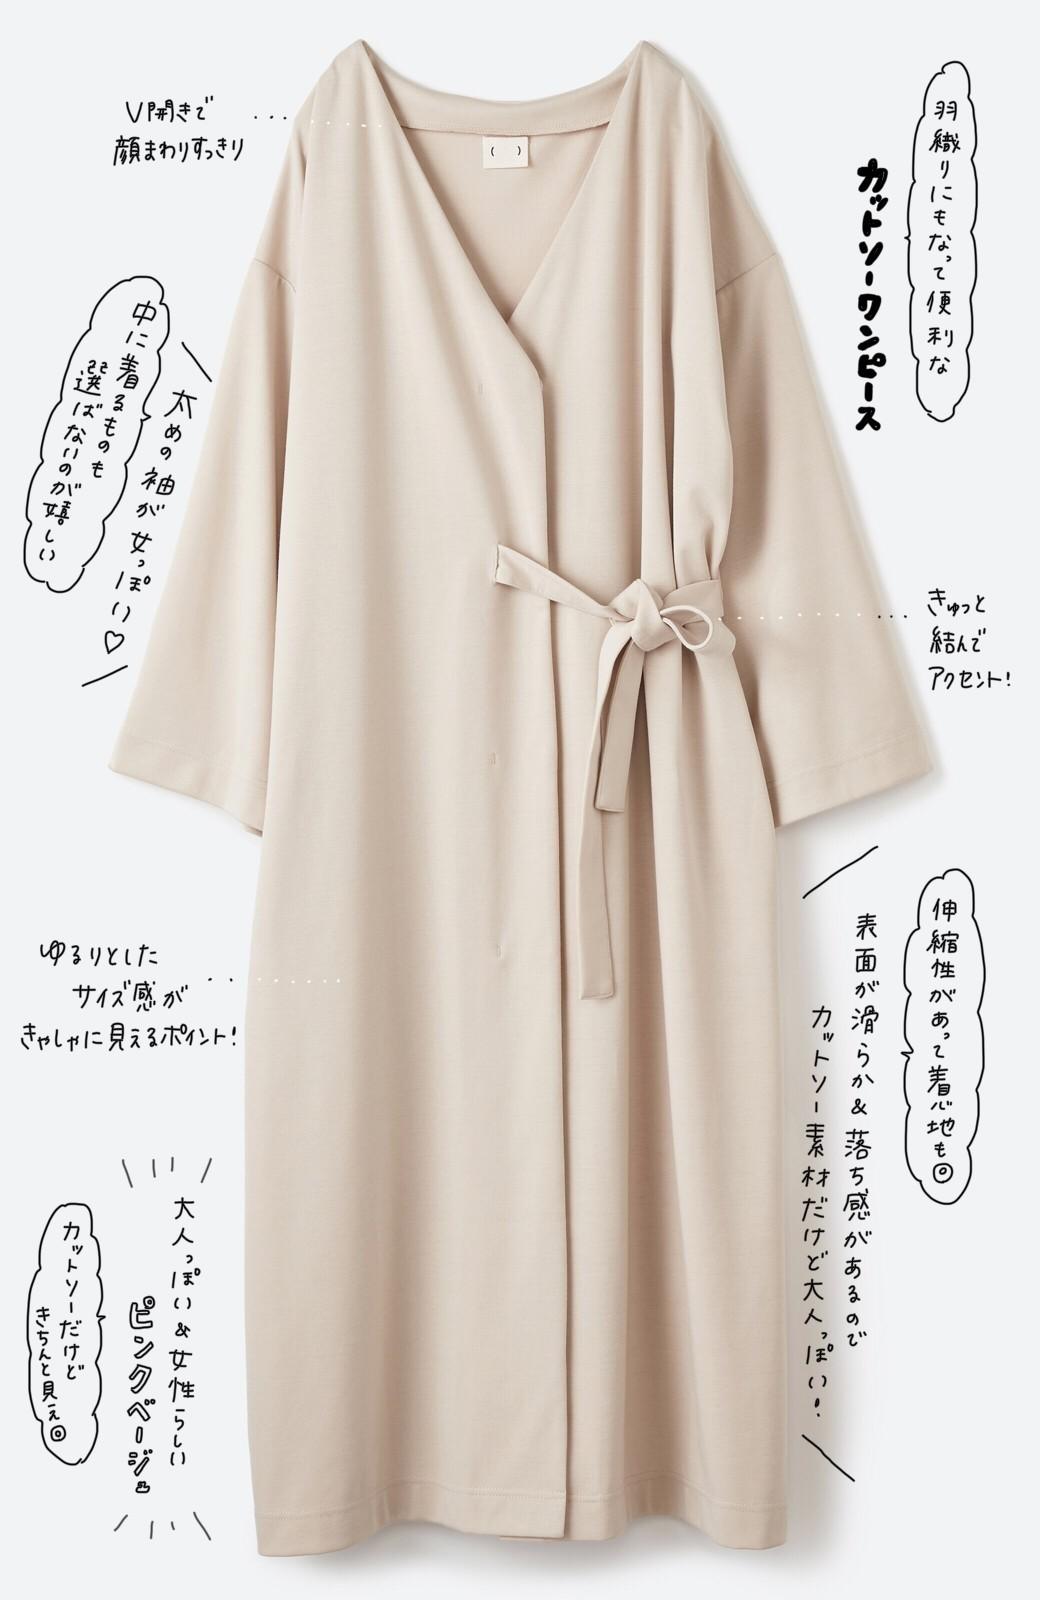 haco! サイドリボンと落ち感が女っぽい 羽織り&重ね着を楽しむカットソーワンピース <ピンクベージュ>の商品写真2